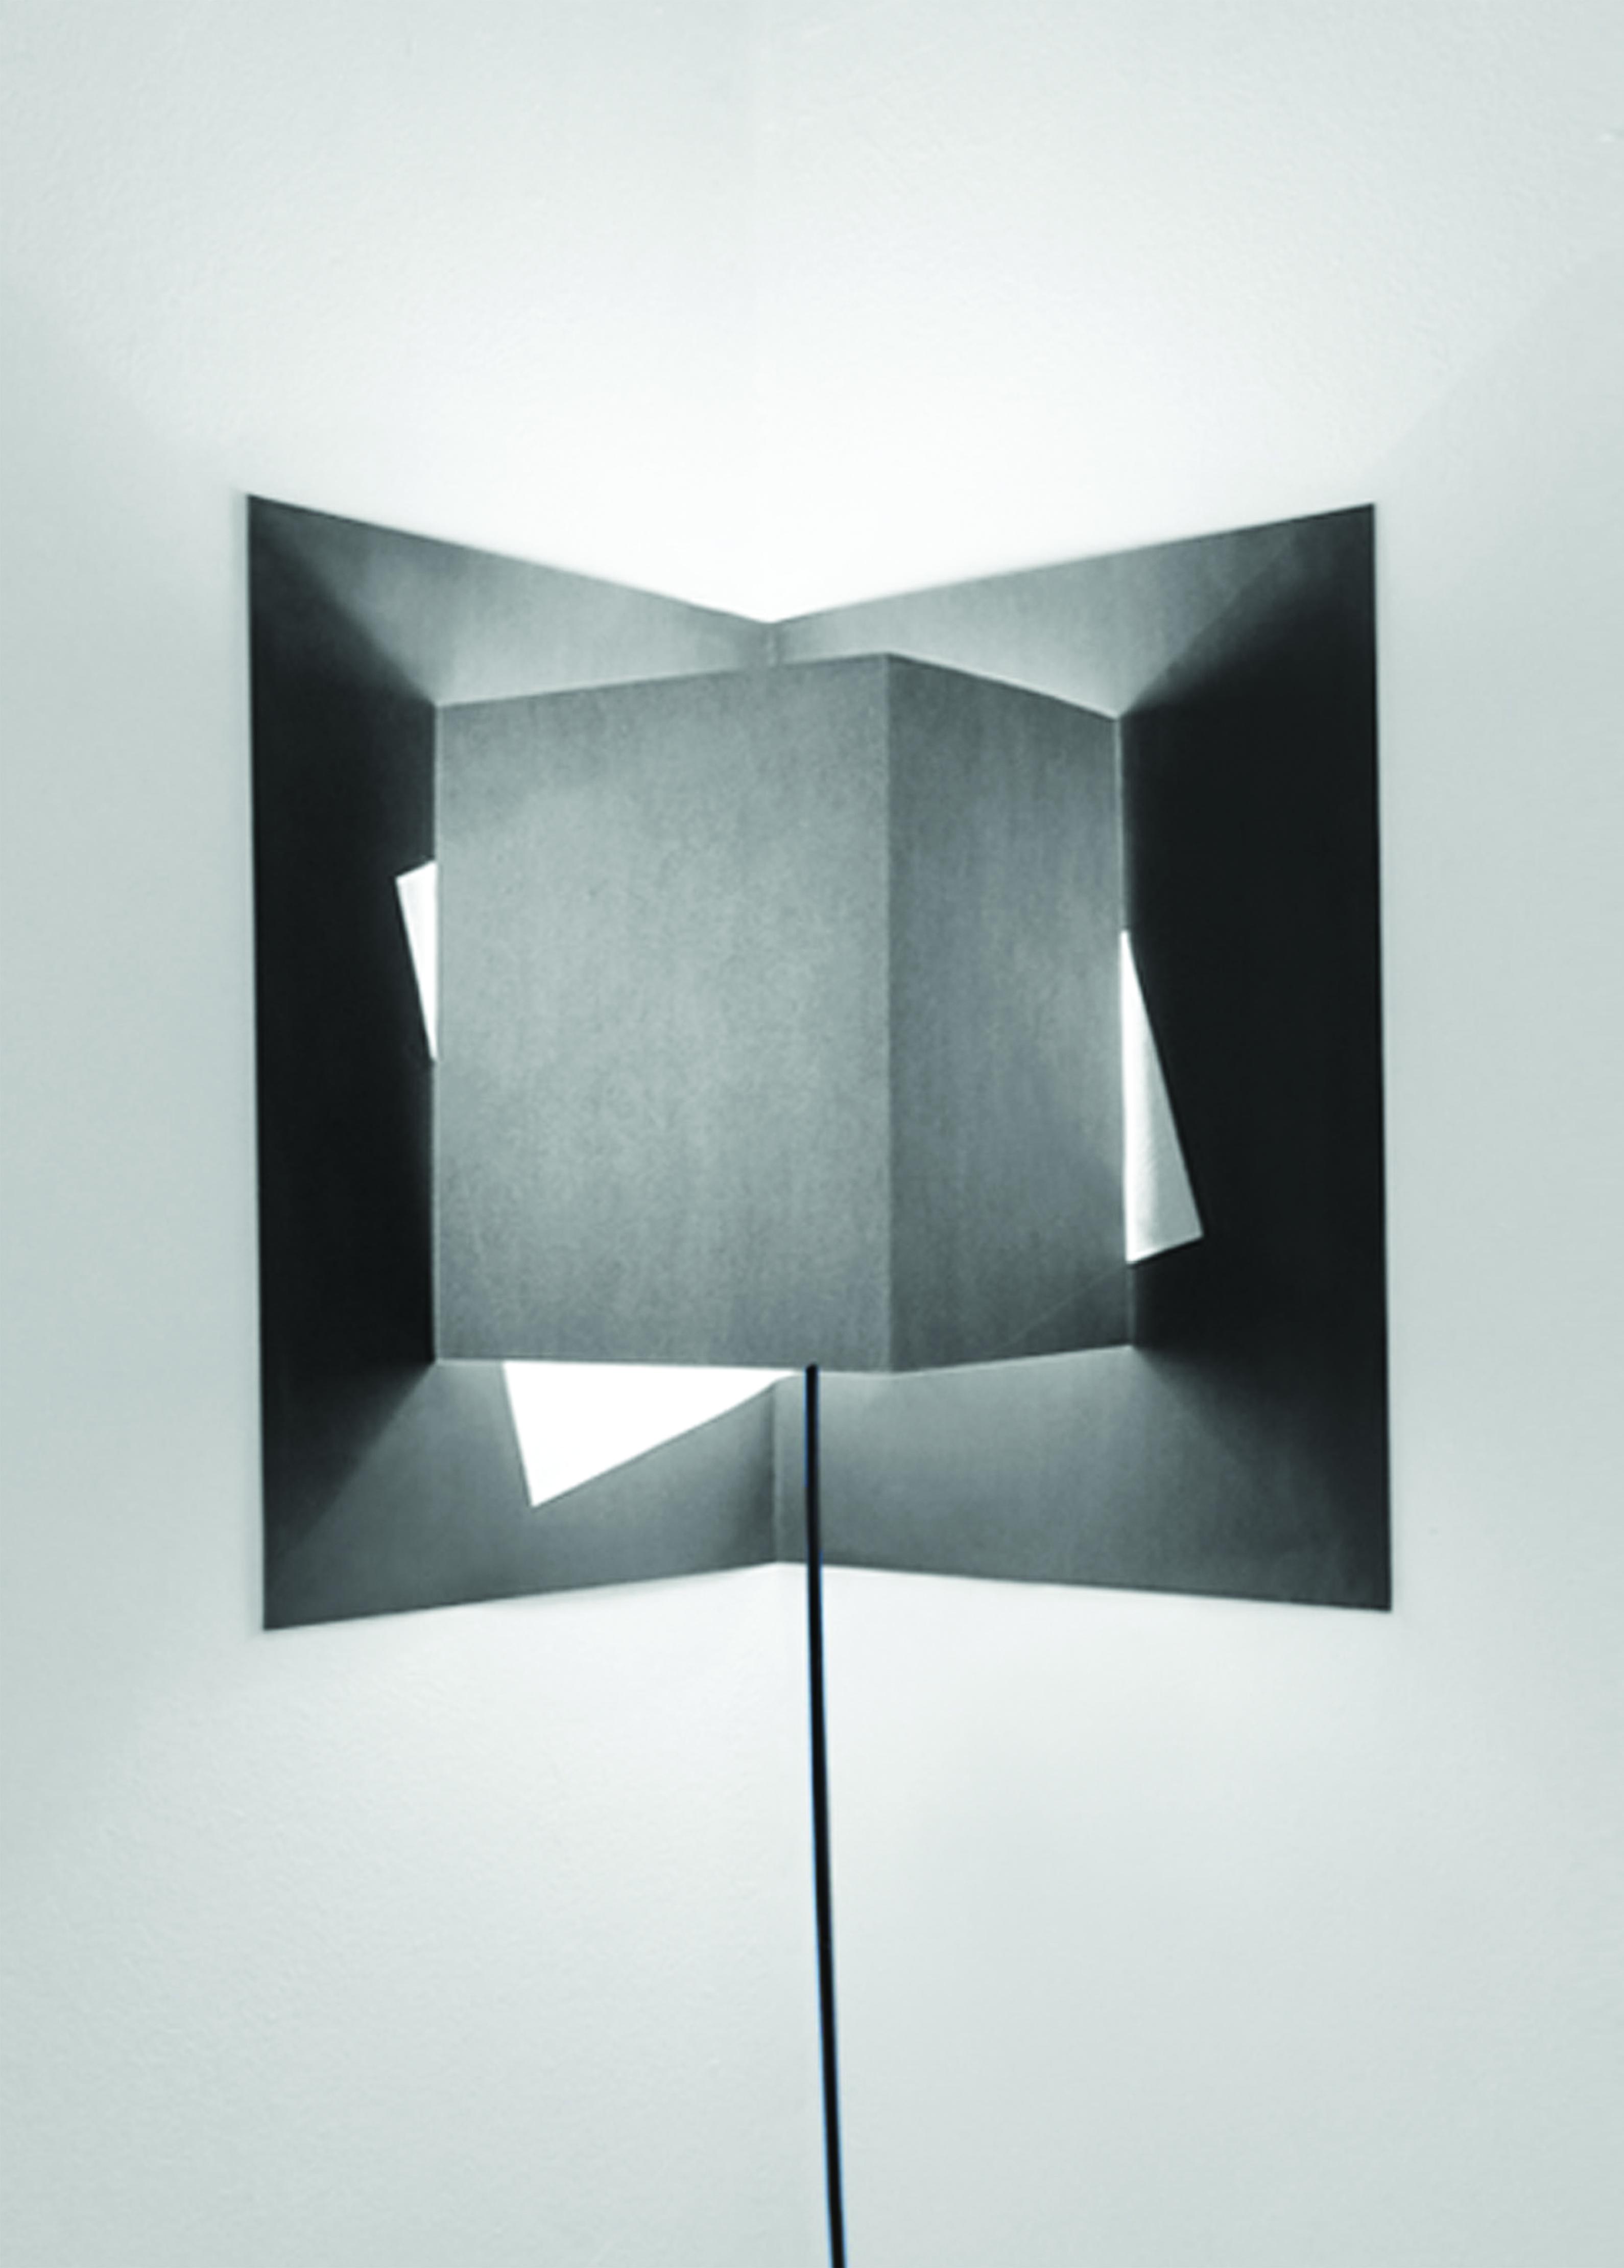 inner light out inner design the kitchen and bathroom blog. Black Bedroom Furniture Sets. Home Design Ideas